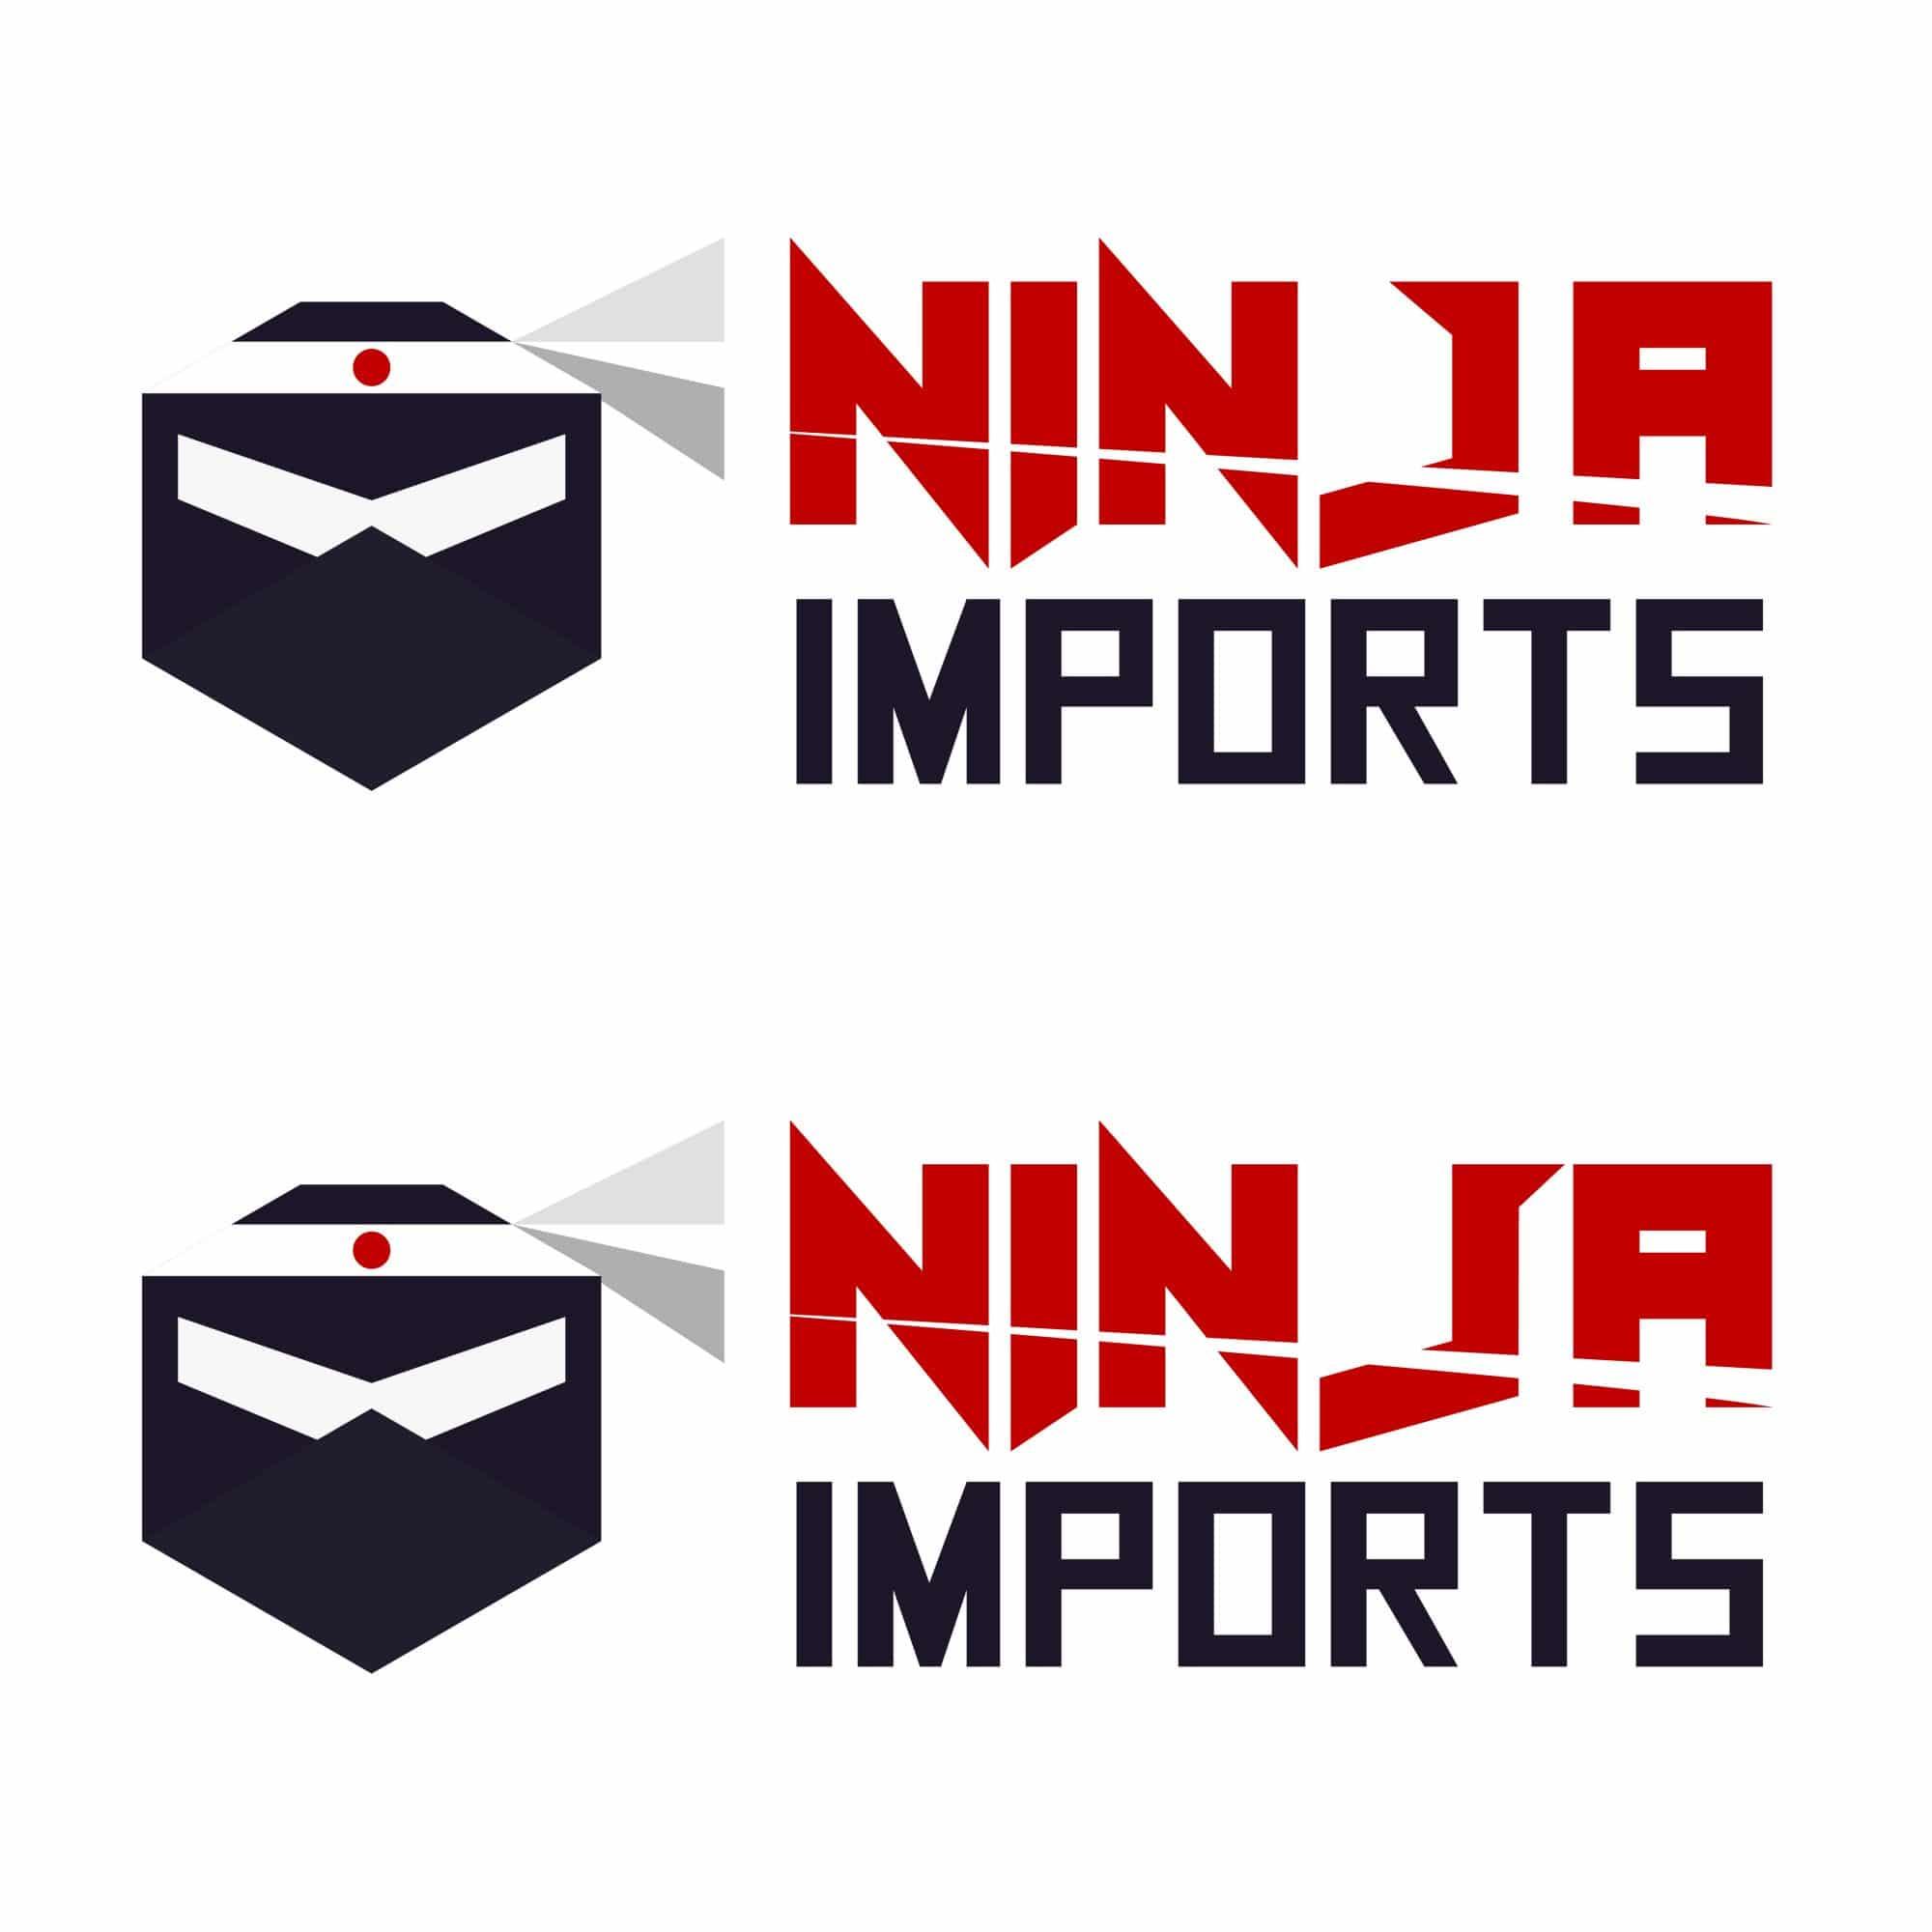 Ninja Imports logos with mascots 3